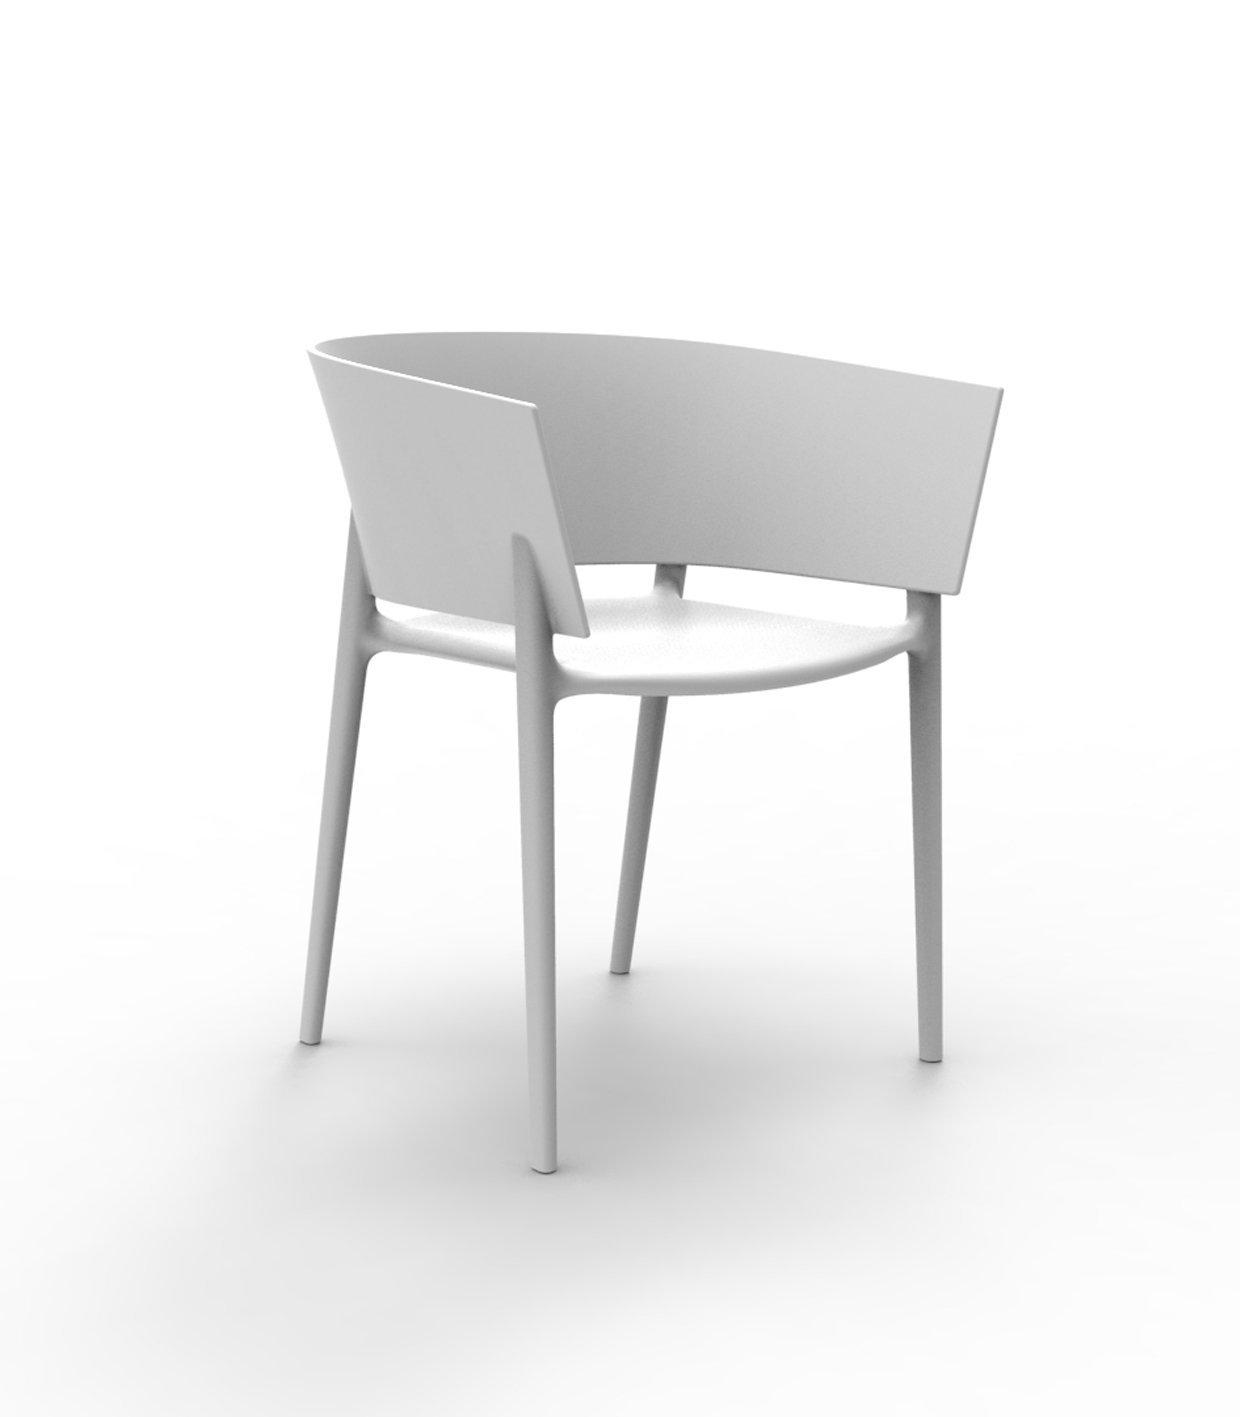 Vondom - Africa Armlehnstuhl - weiß - Eugeni Quitllet - Design - Gartenstuhl - Terrassenstuhl